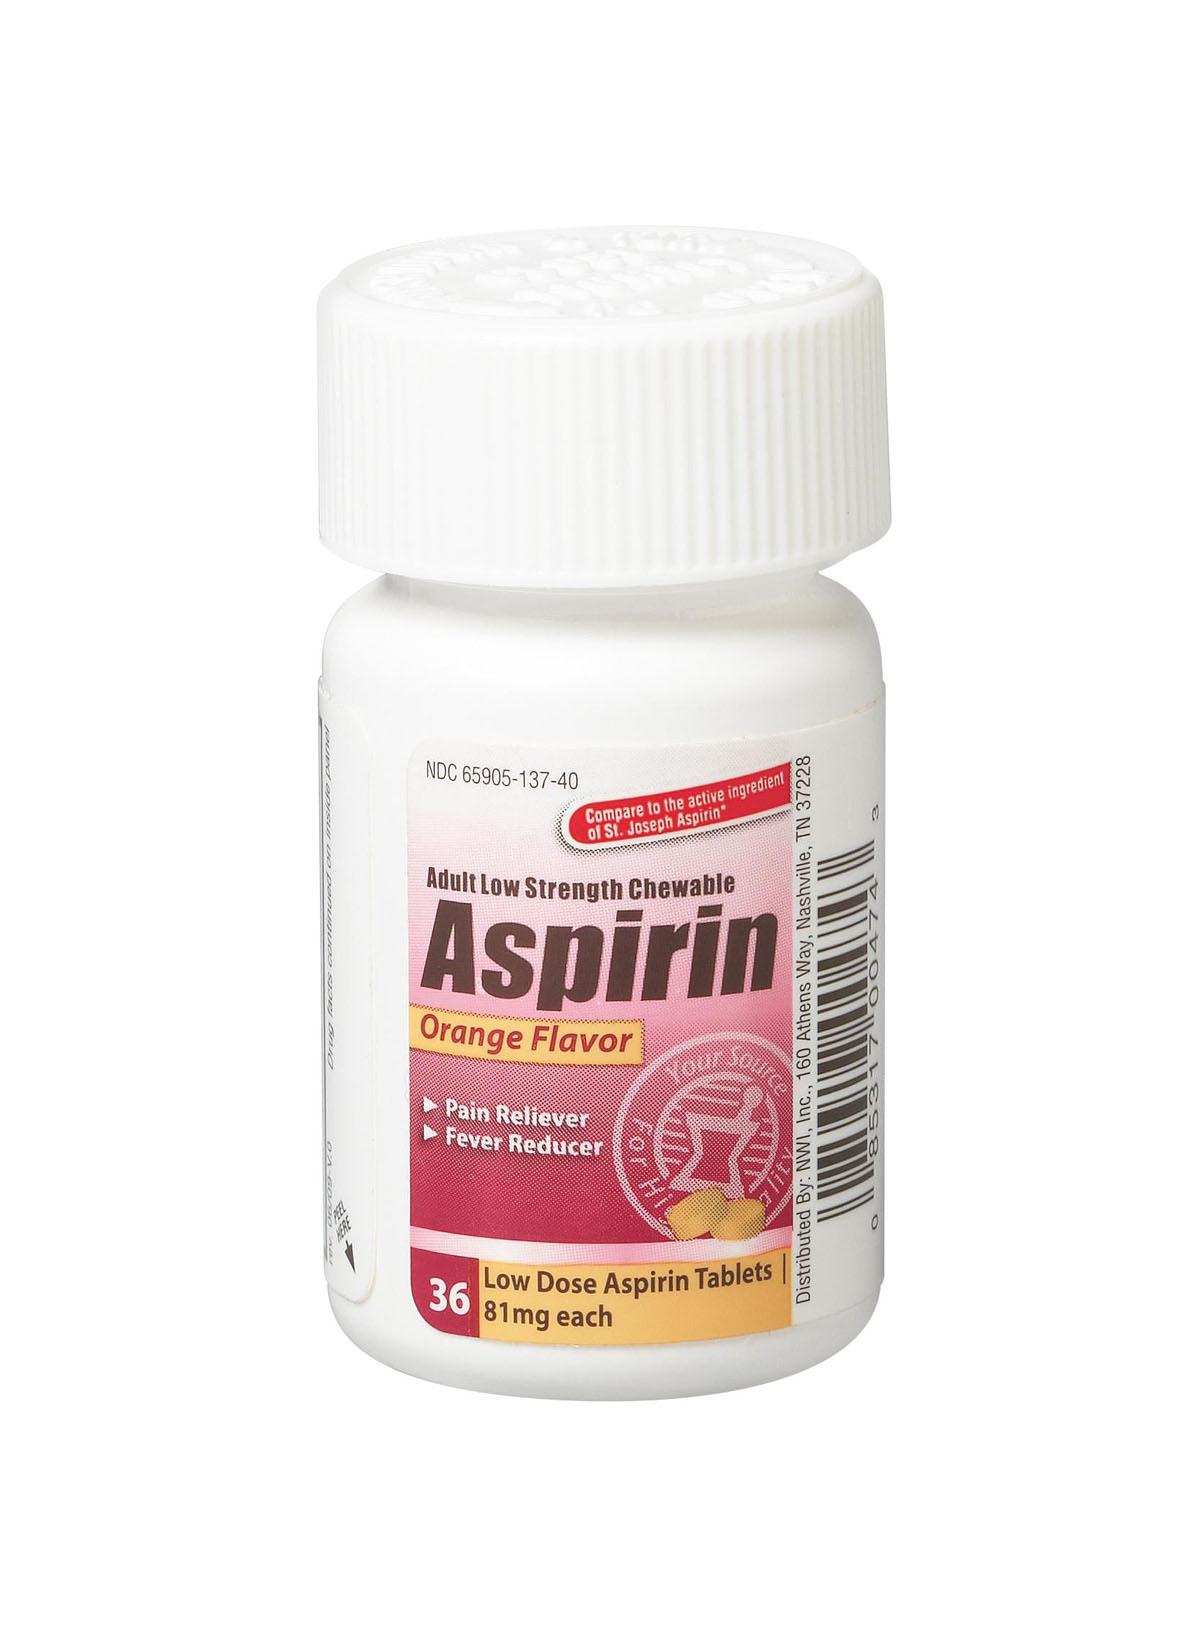 Aspirin 81 mg pain reliever nsaid